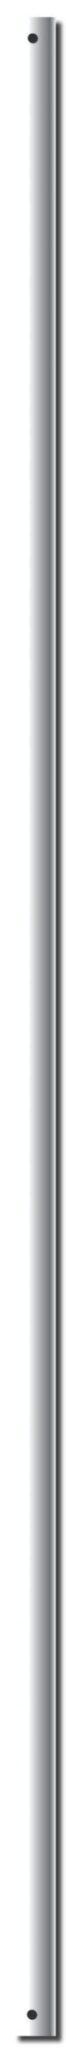 Tige Pour Ventilateur – Canarm – DR8CP56